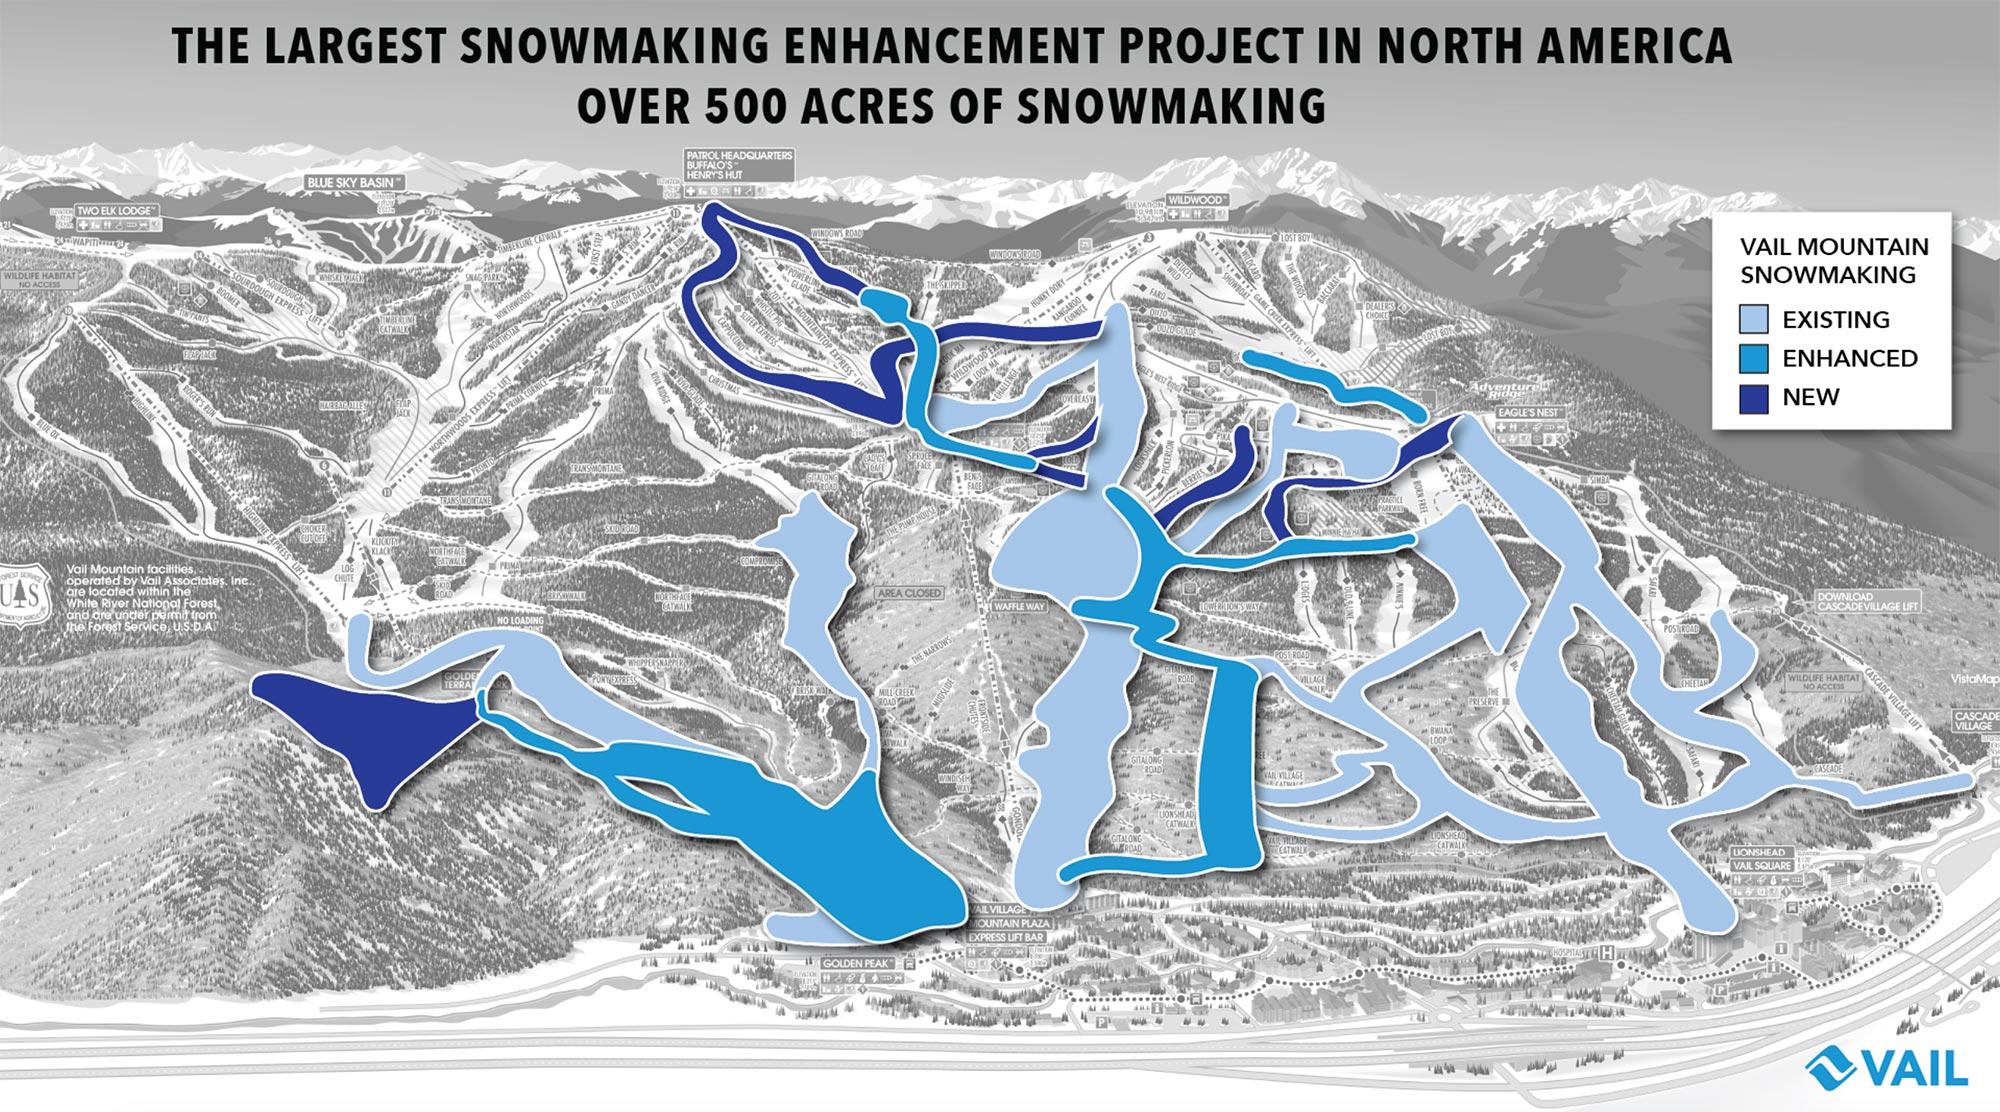 Vail Snowmaking